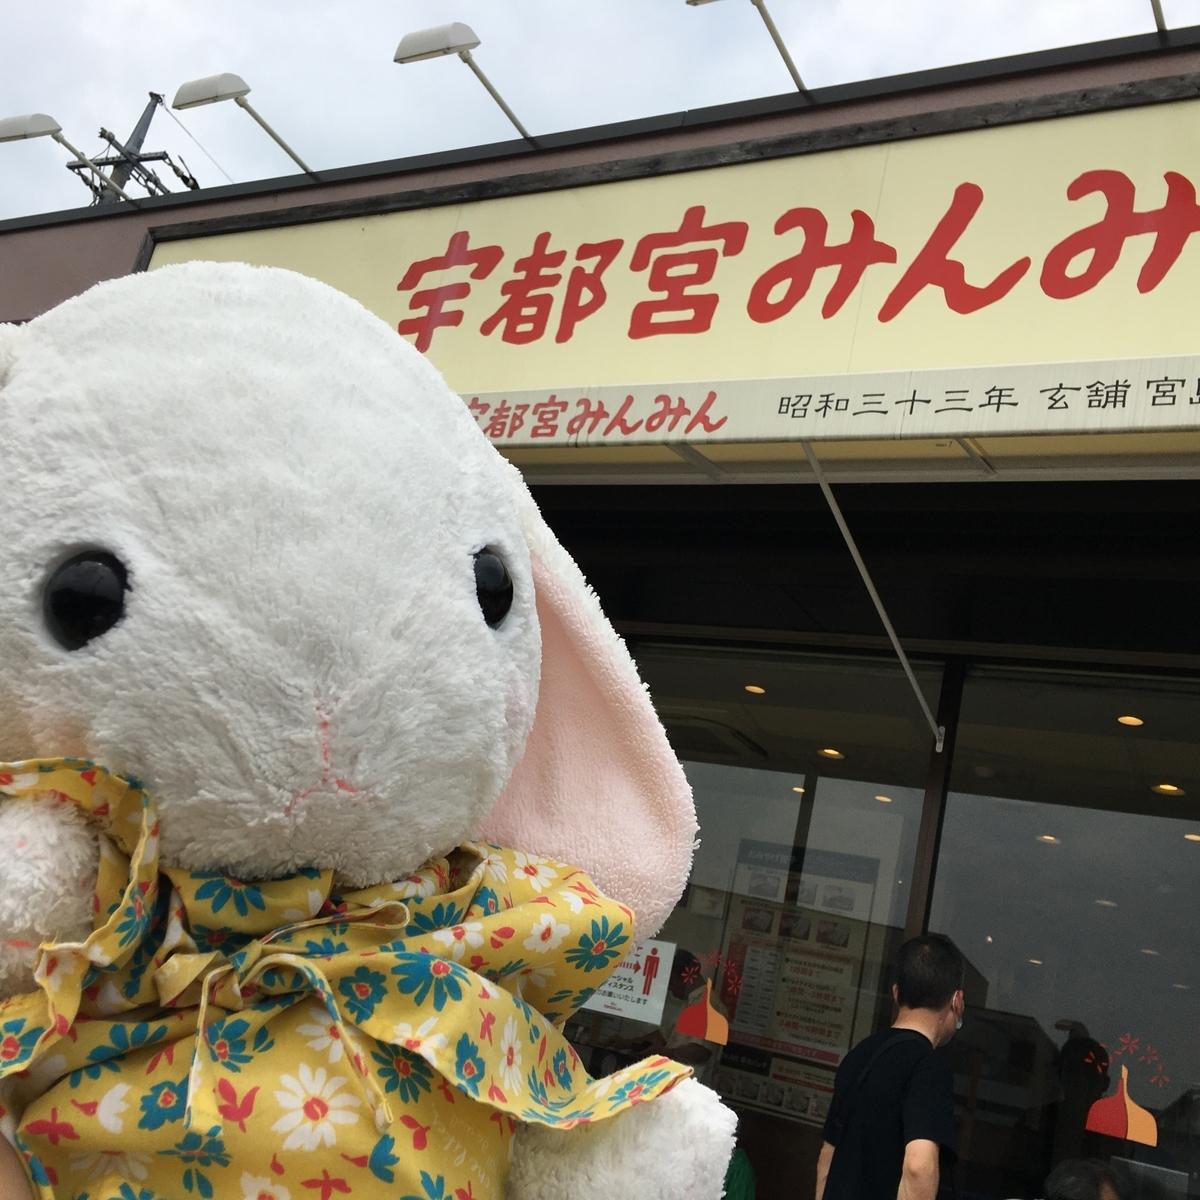 宇都宮で餃子を食べるなら「みんみん」